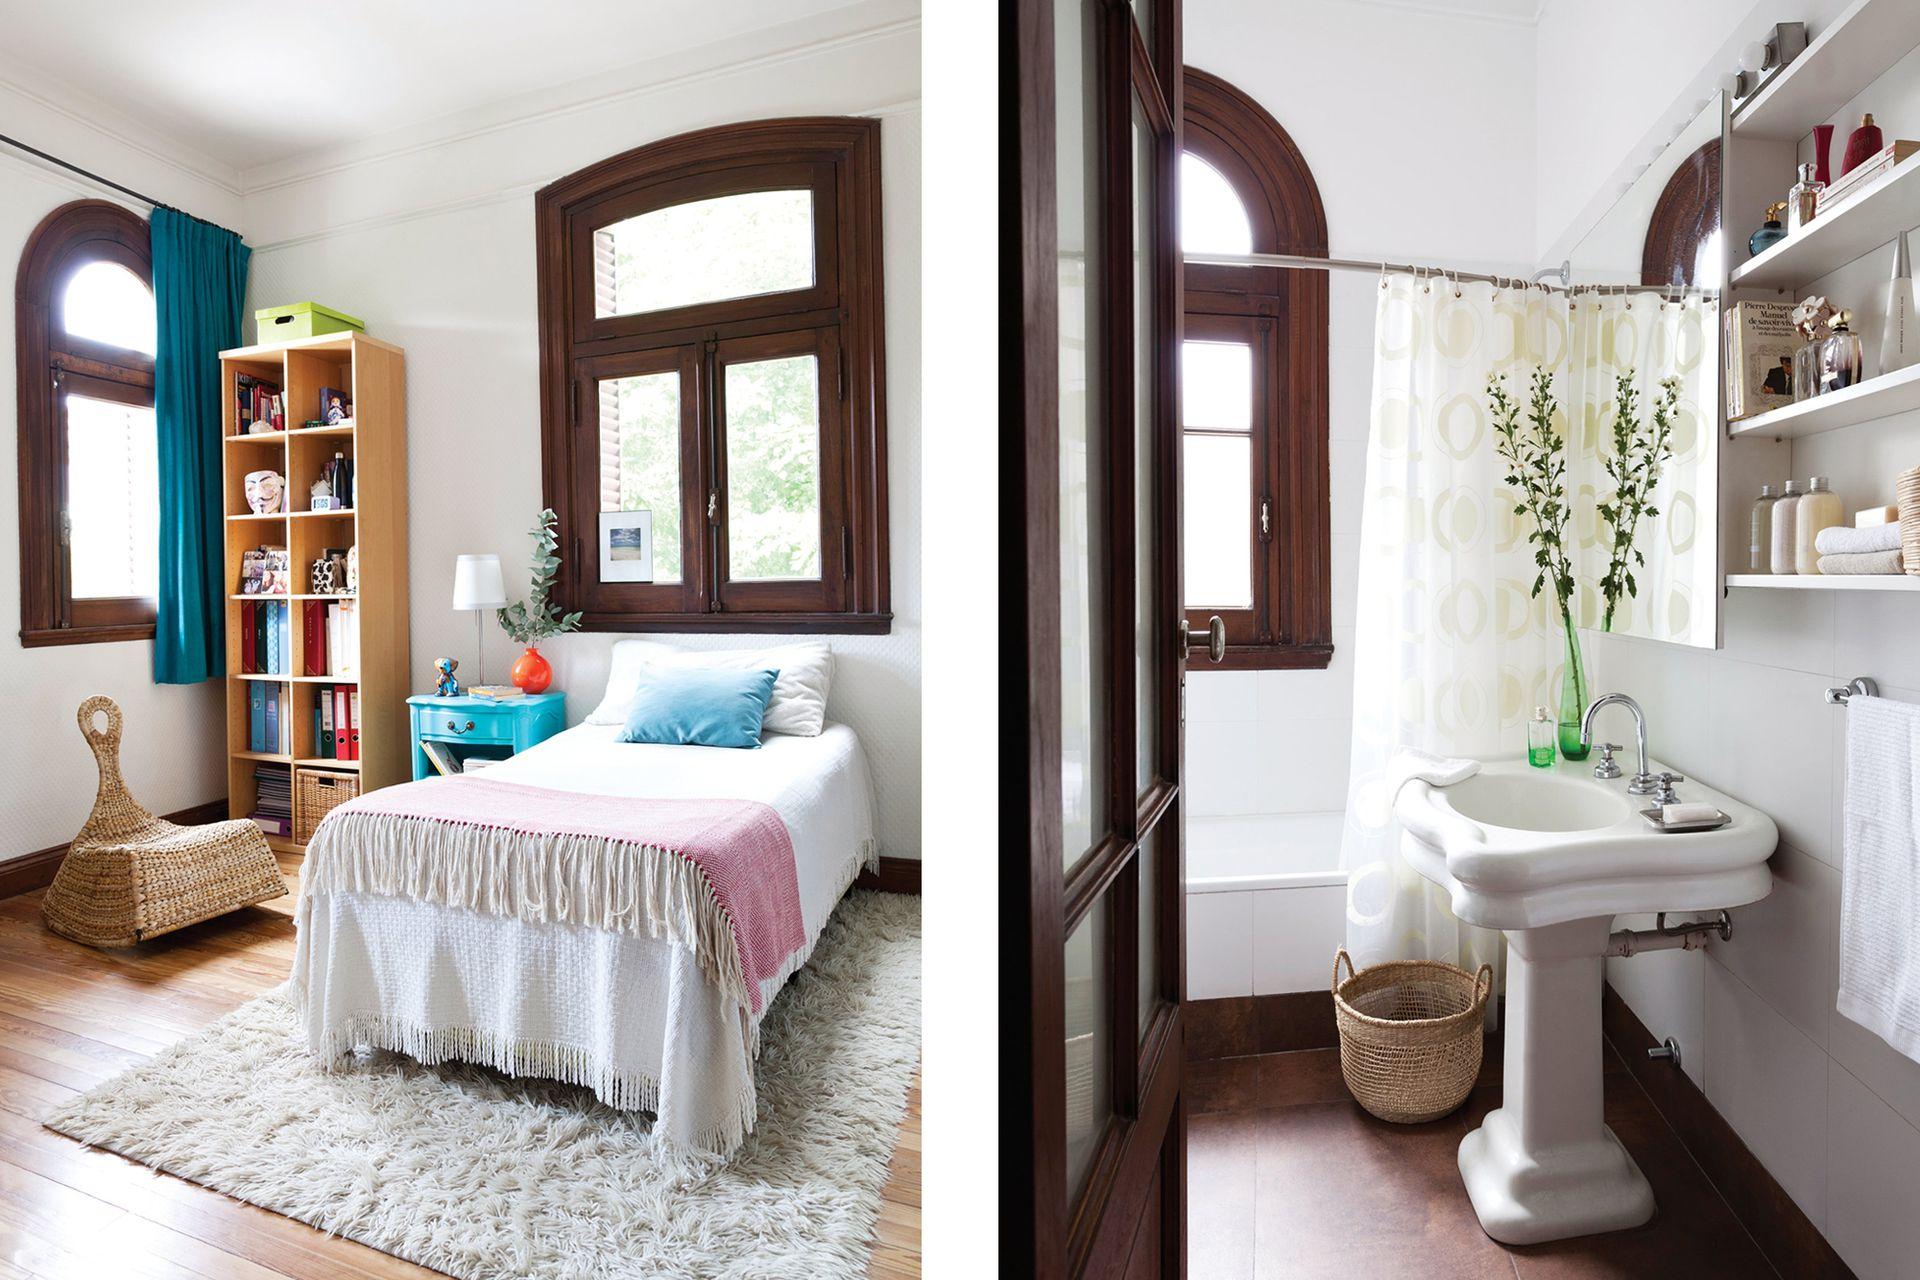 En el cuarto de su hija, los colores plenos y vibrantes elegidos para renovar muebles antiguos aligeran lo imponente de las aberturas de época.